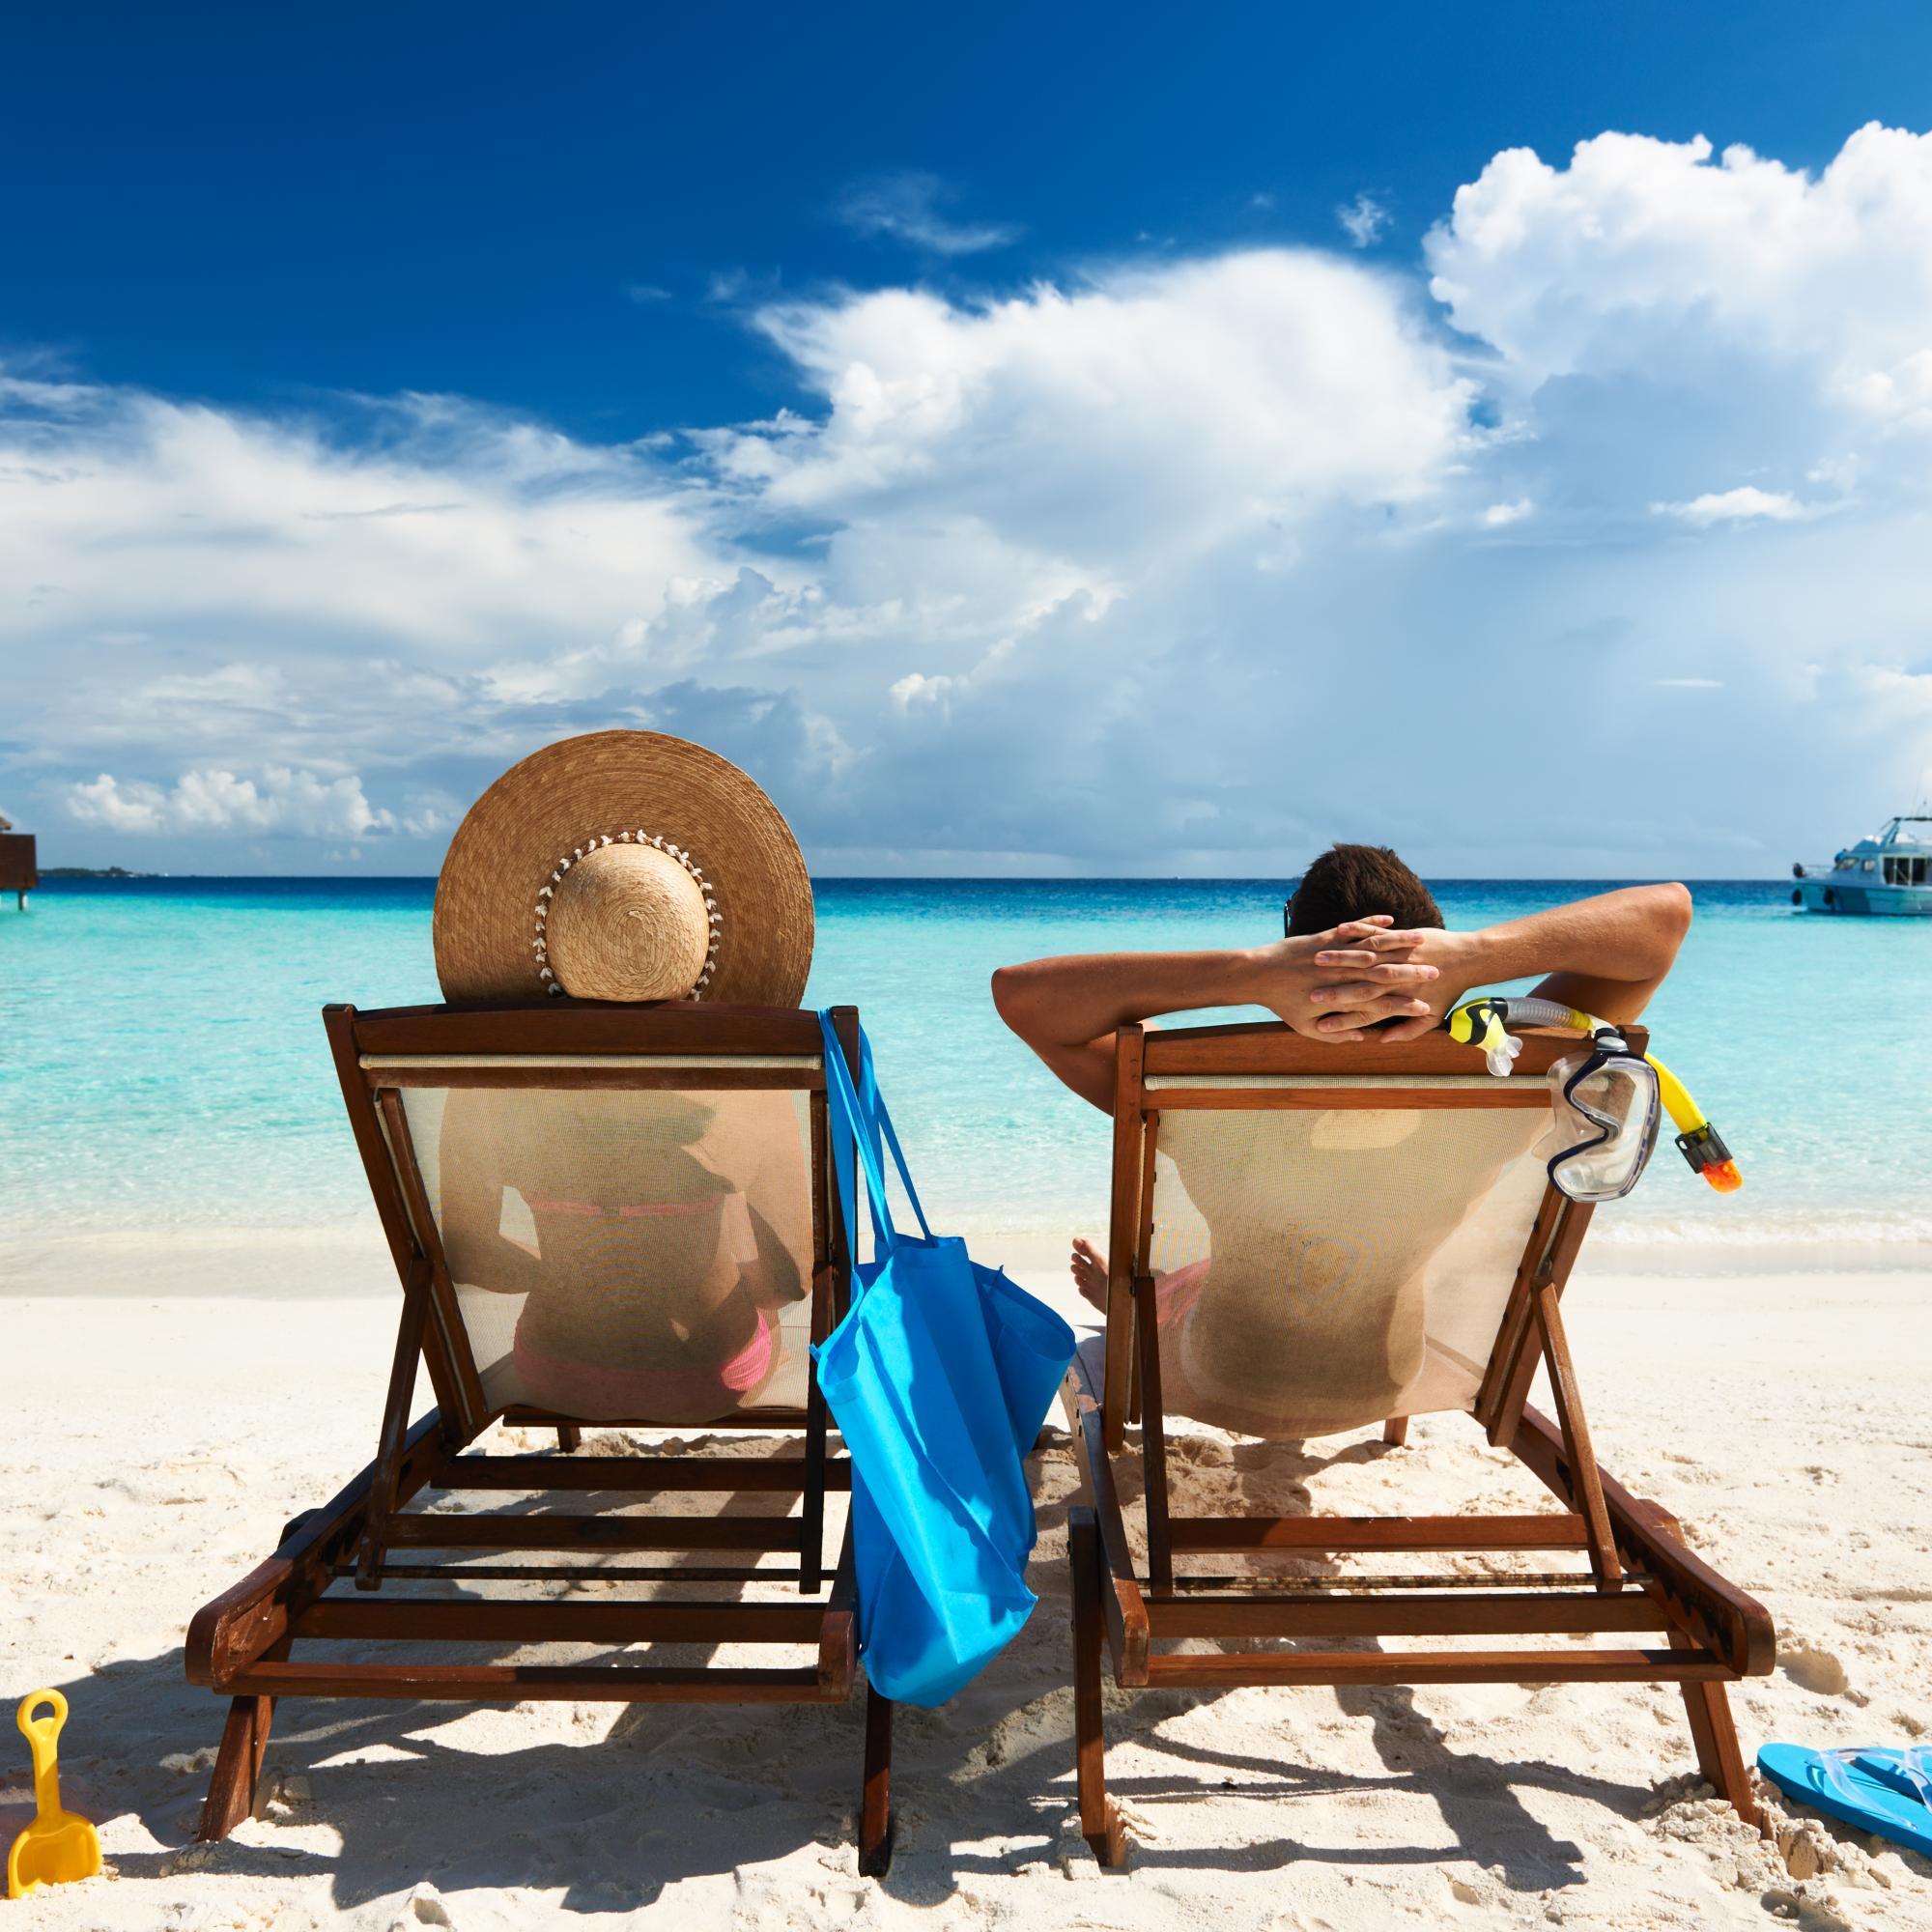 Льготные категории лиц по предоставлению ежегодного отпуска